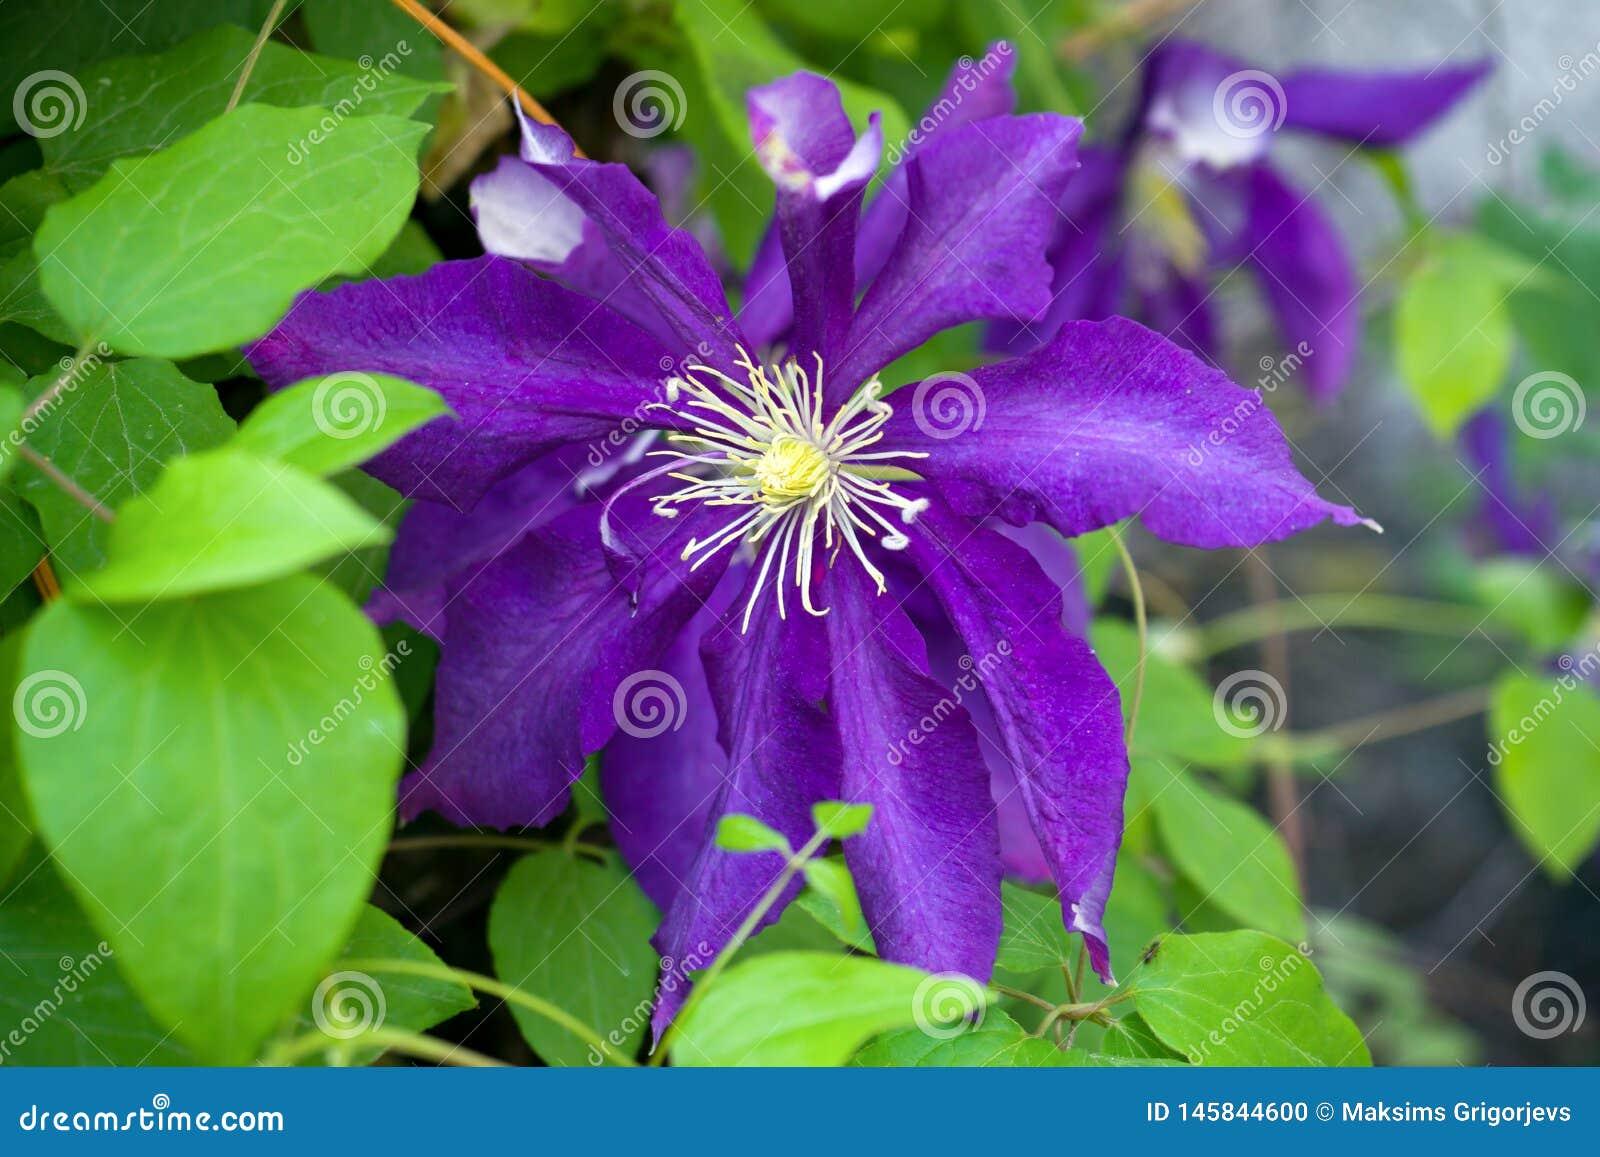 Fiore porpora della clematide - ranunculaceae in giardino